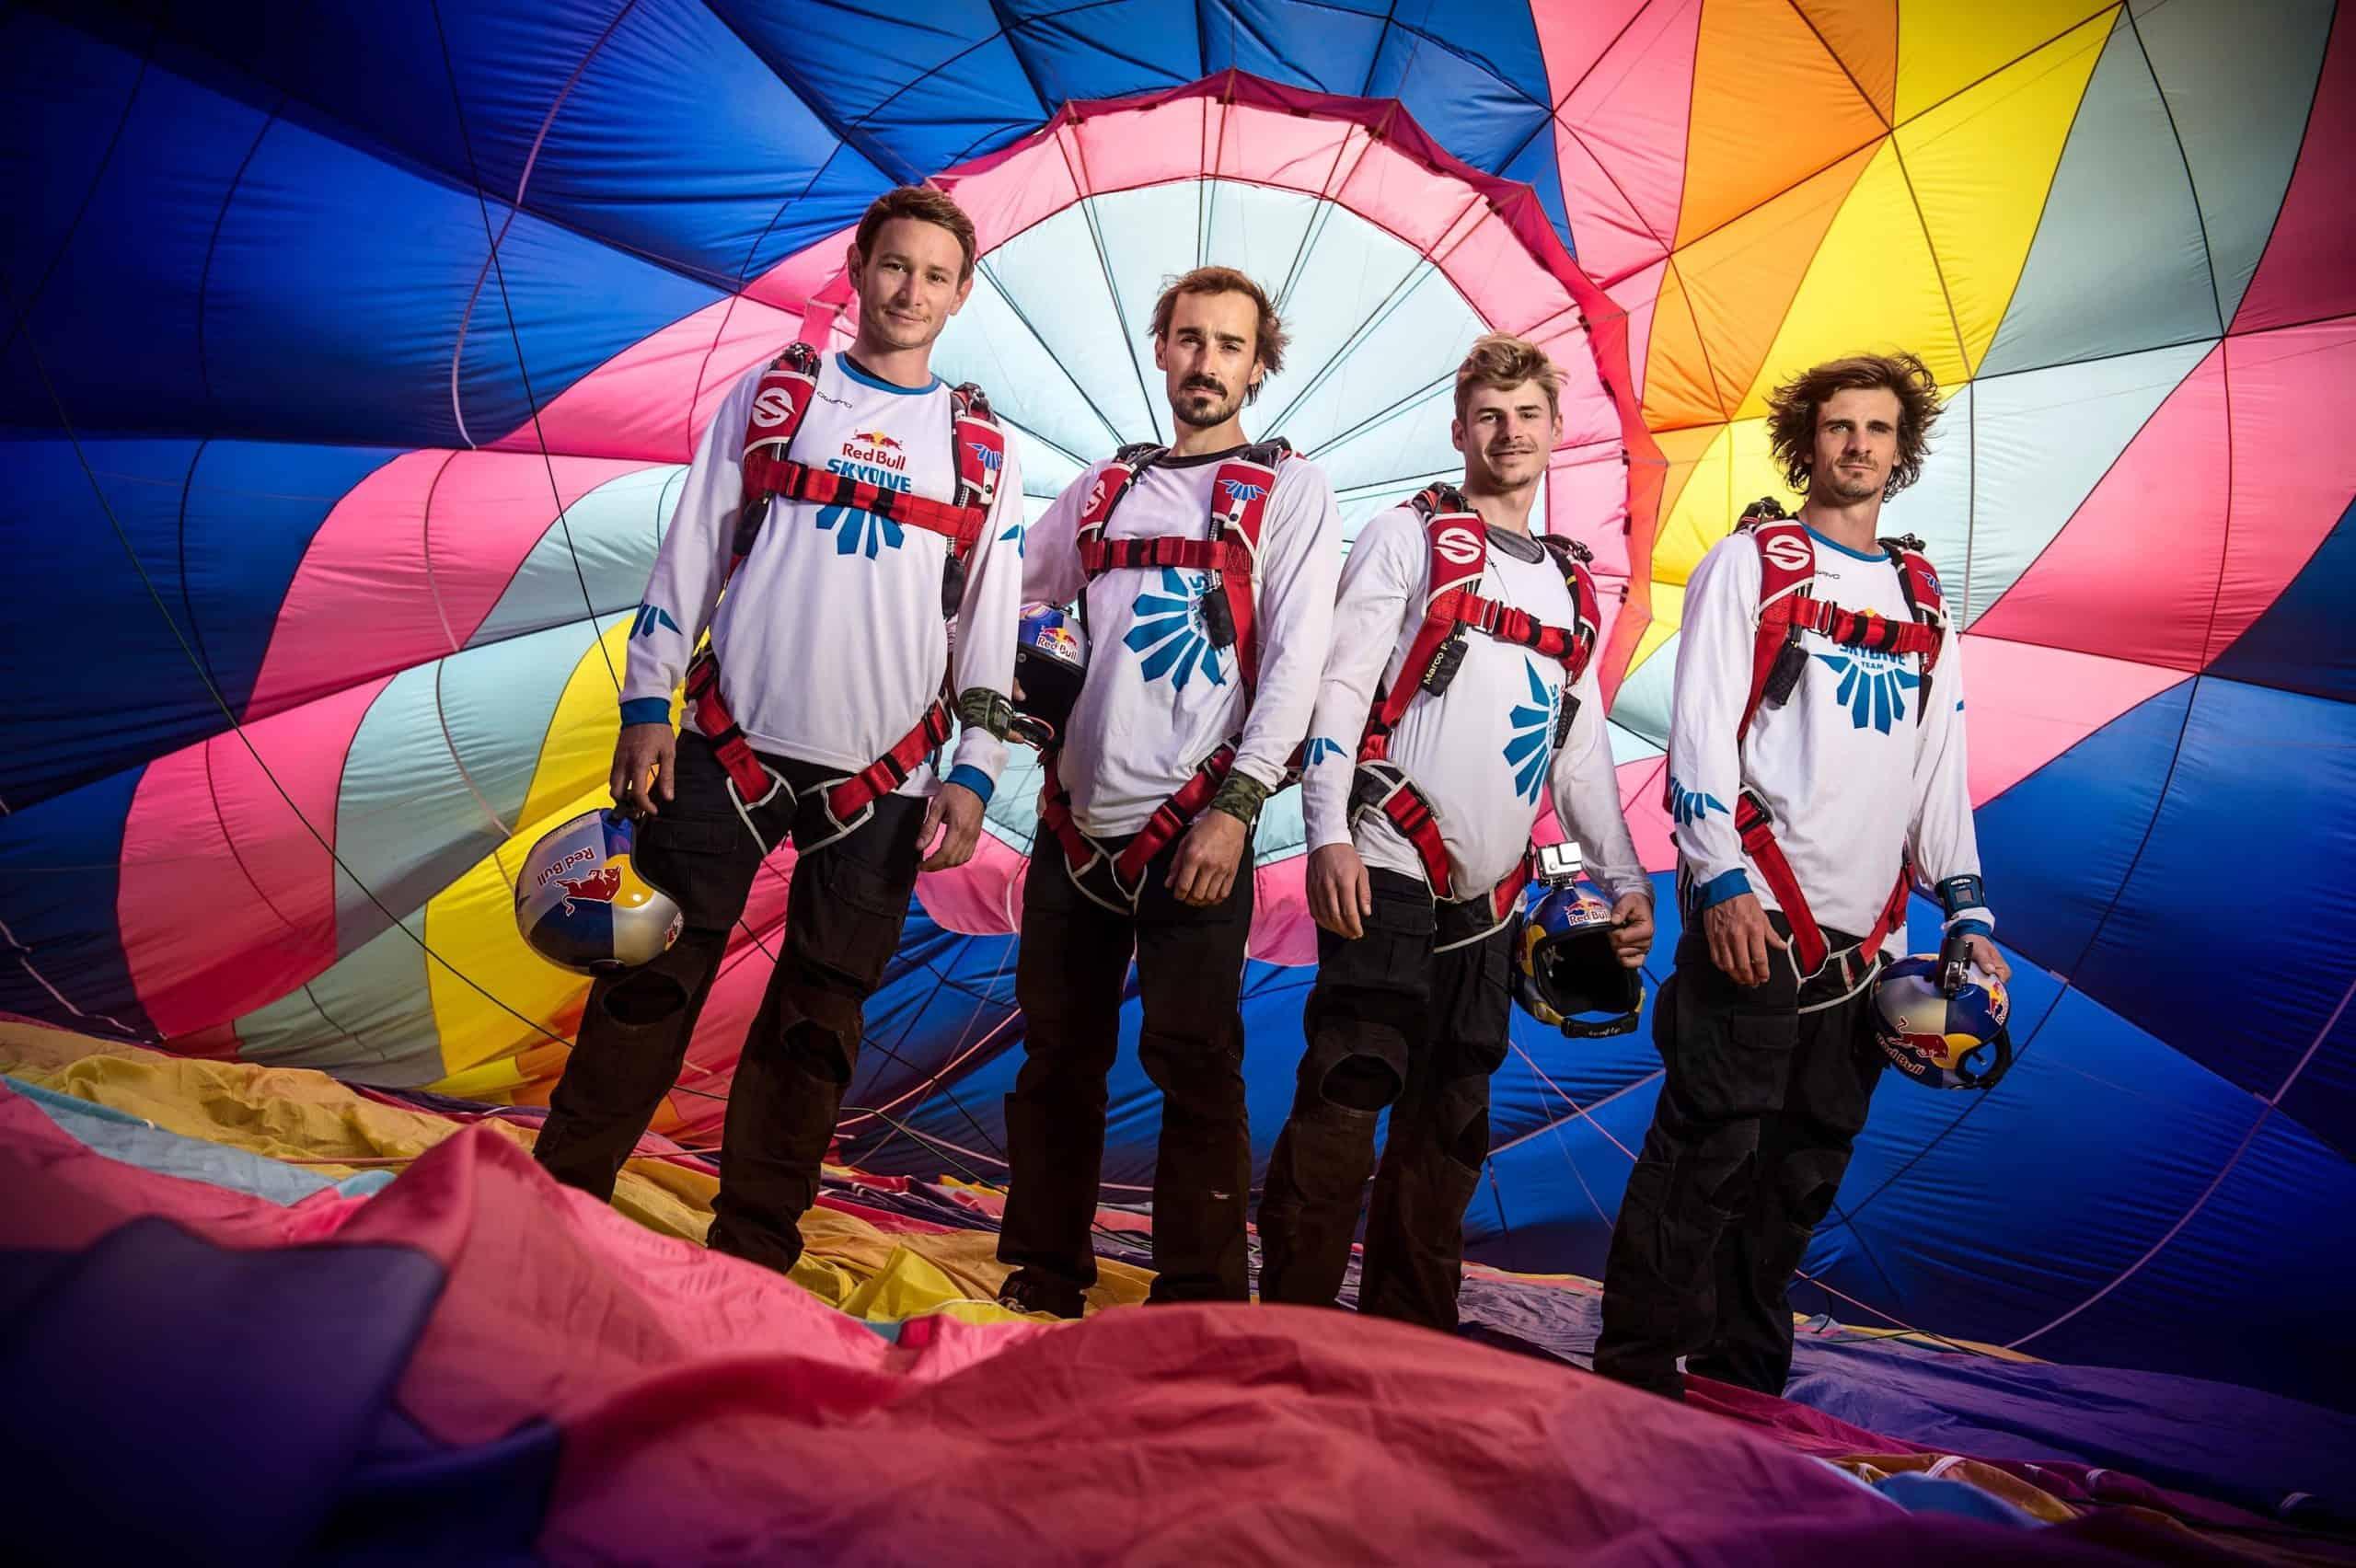 Este fue el equipo que probó el complio más largo del mundo Foto Redbull